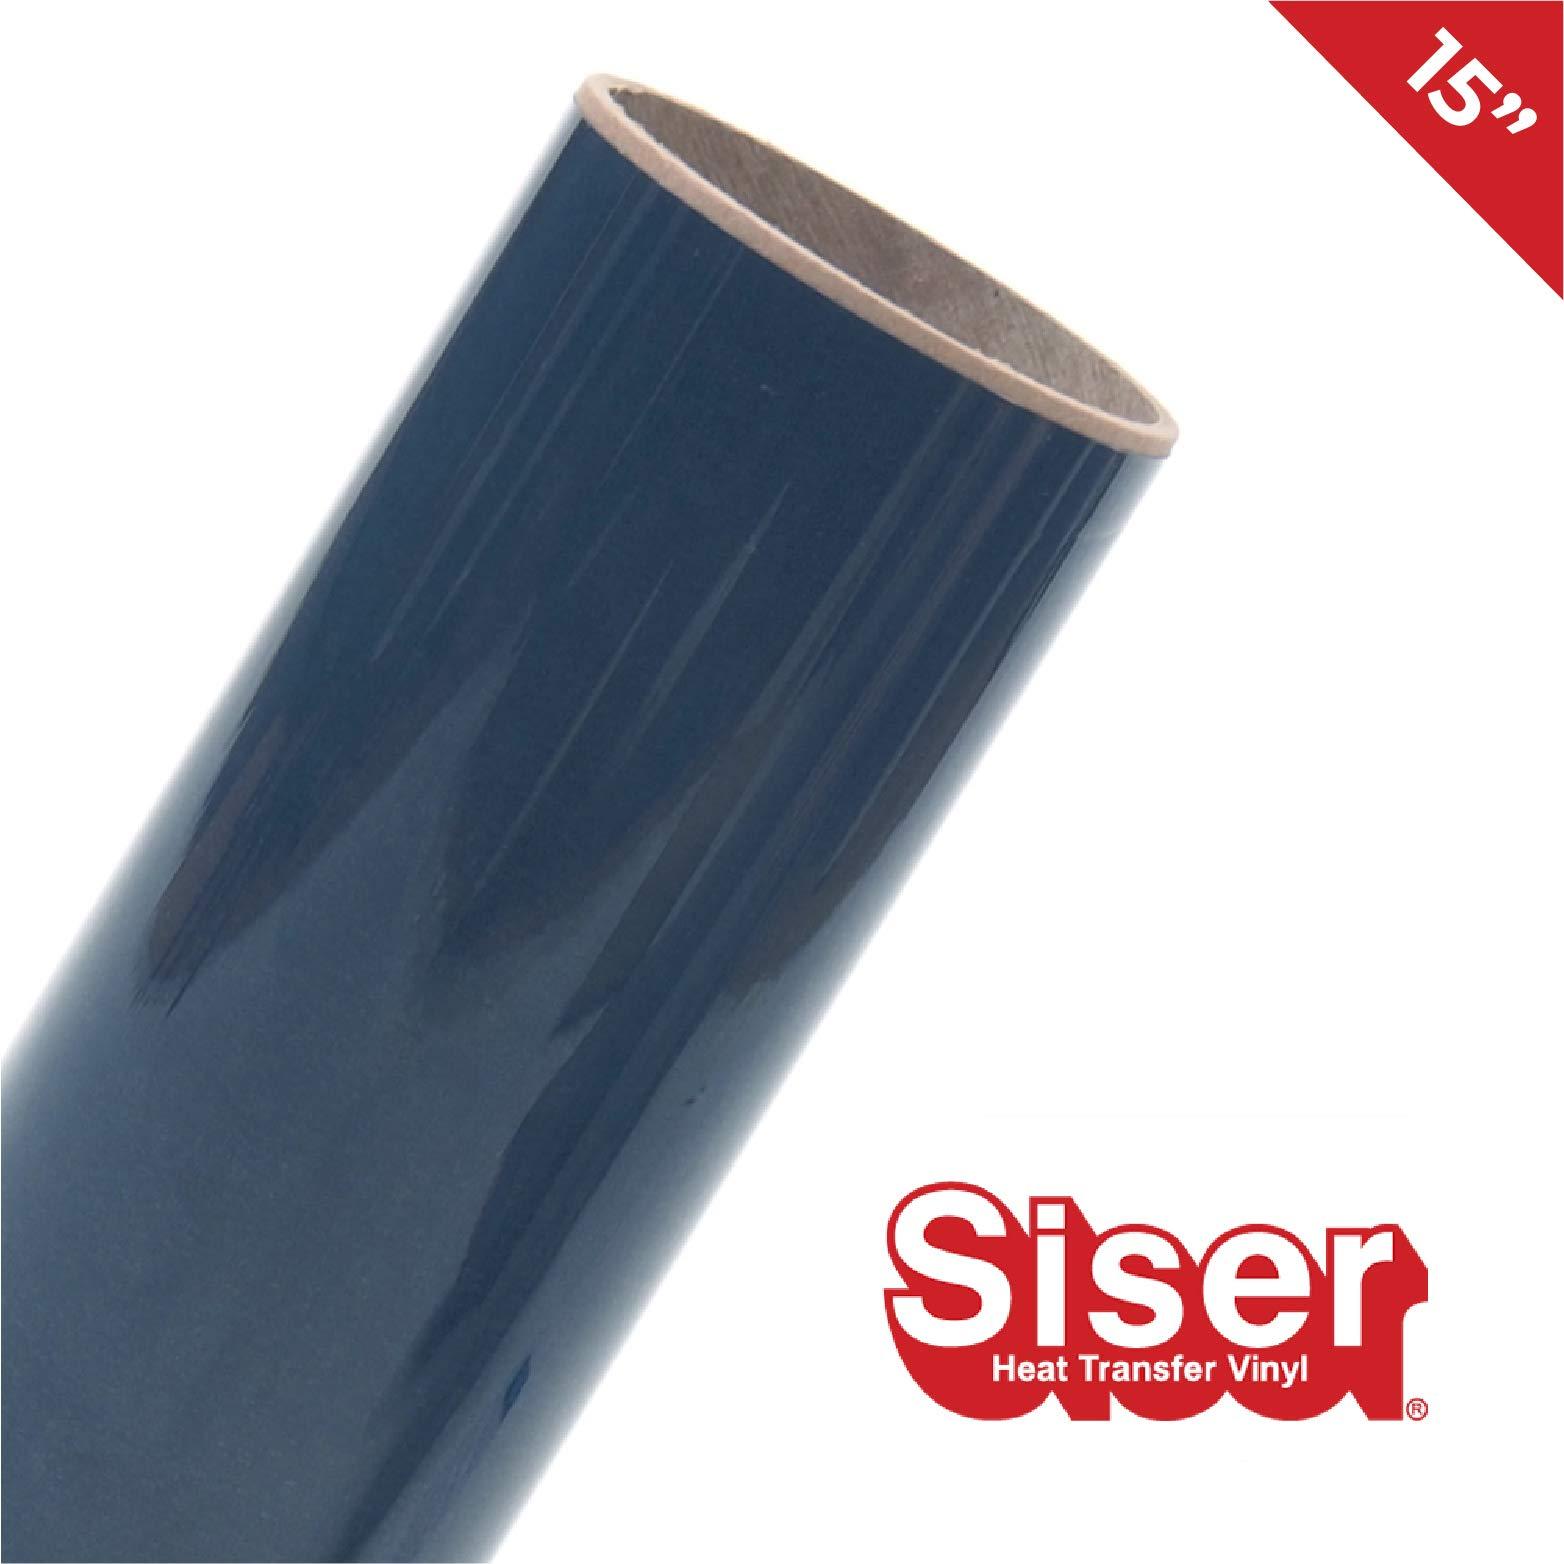 """Siser EasyWeed HTV 15"""" x 20ft Roll - Iron on Heat Transfer Vinyl (Navy Blue)"""